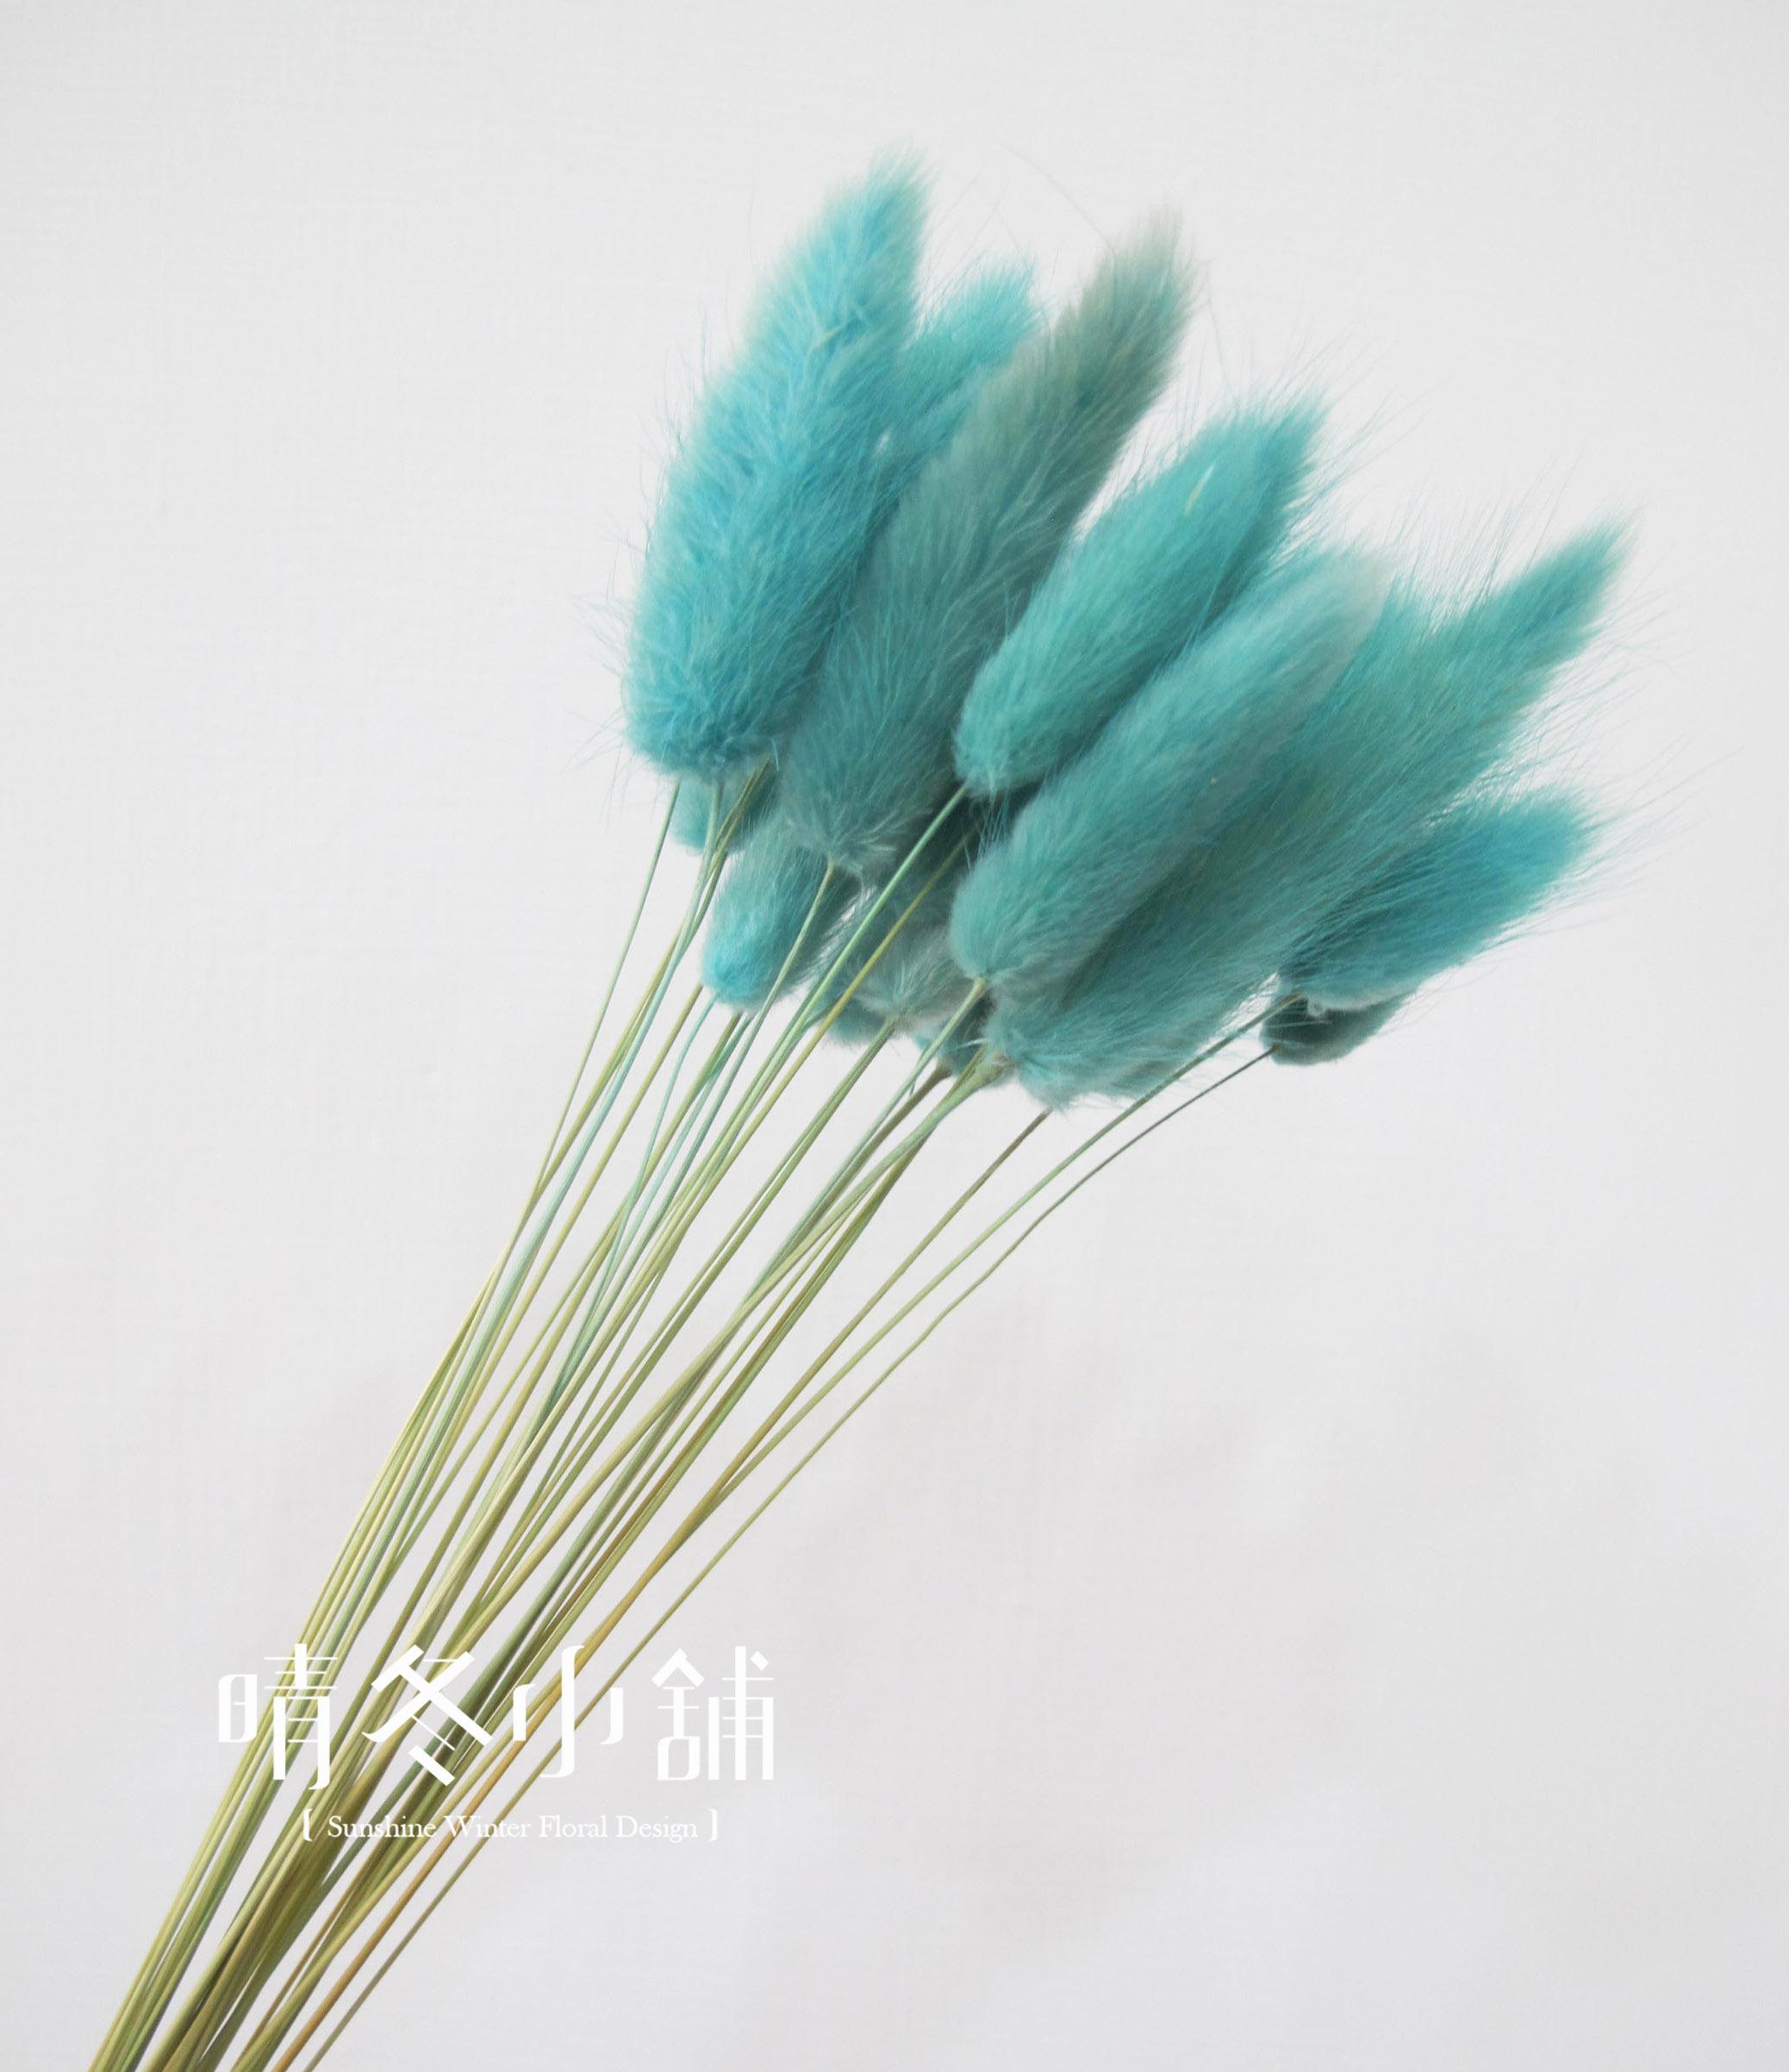 [晴冬小舖] 藍綠色/湖水綠兔尾草-進口乾燥花材(乾燥花束 不凋花 乾燥花圈)3D1517